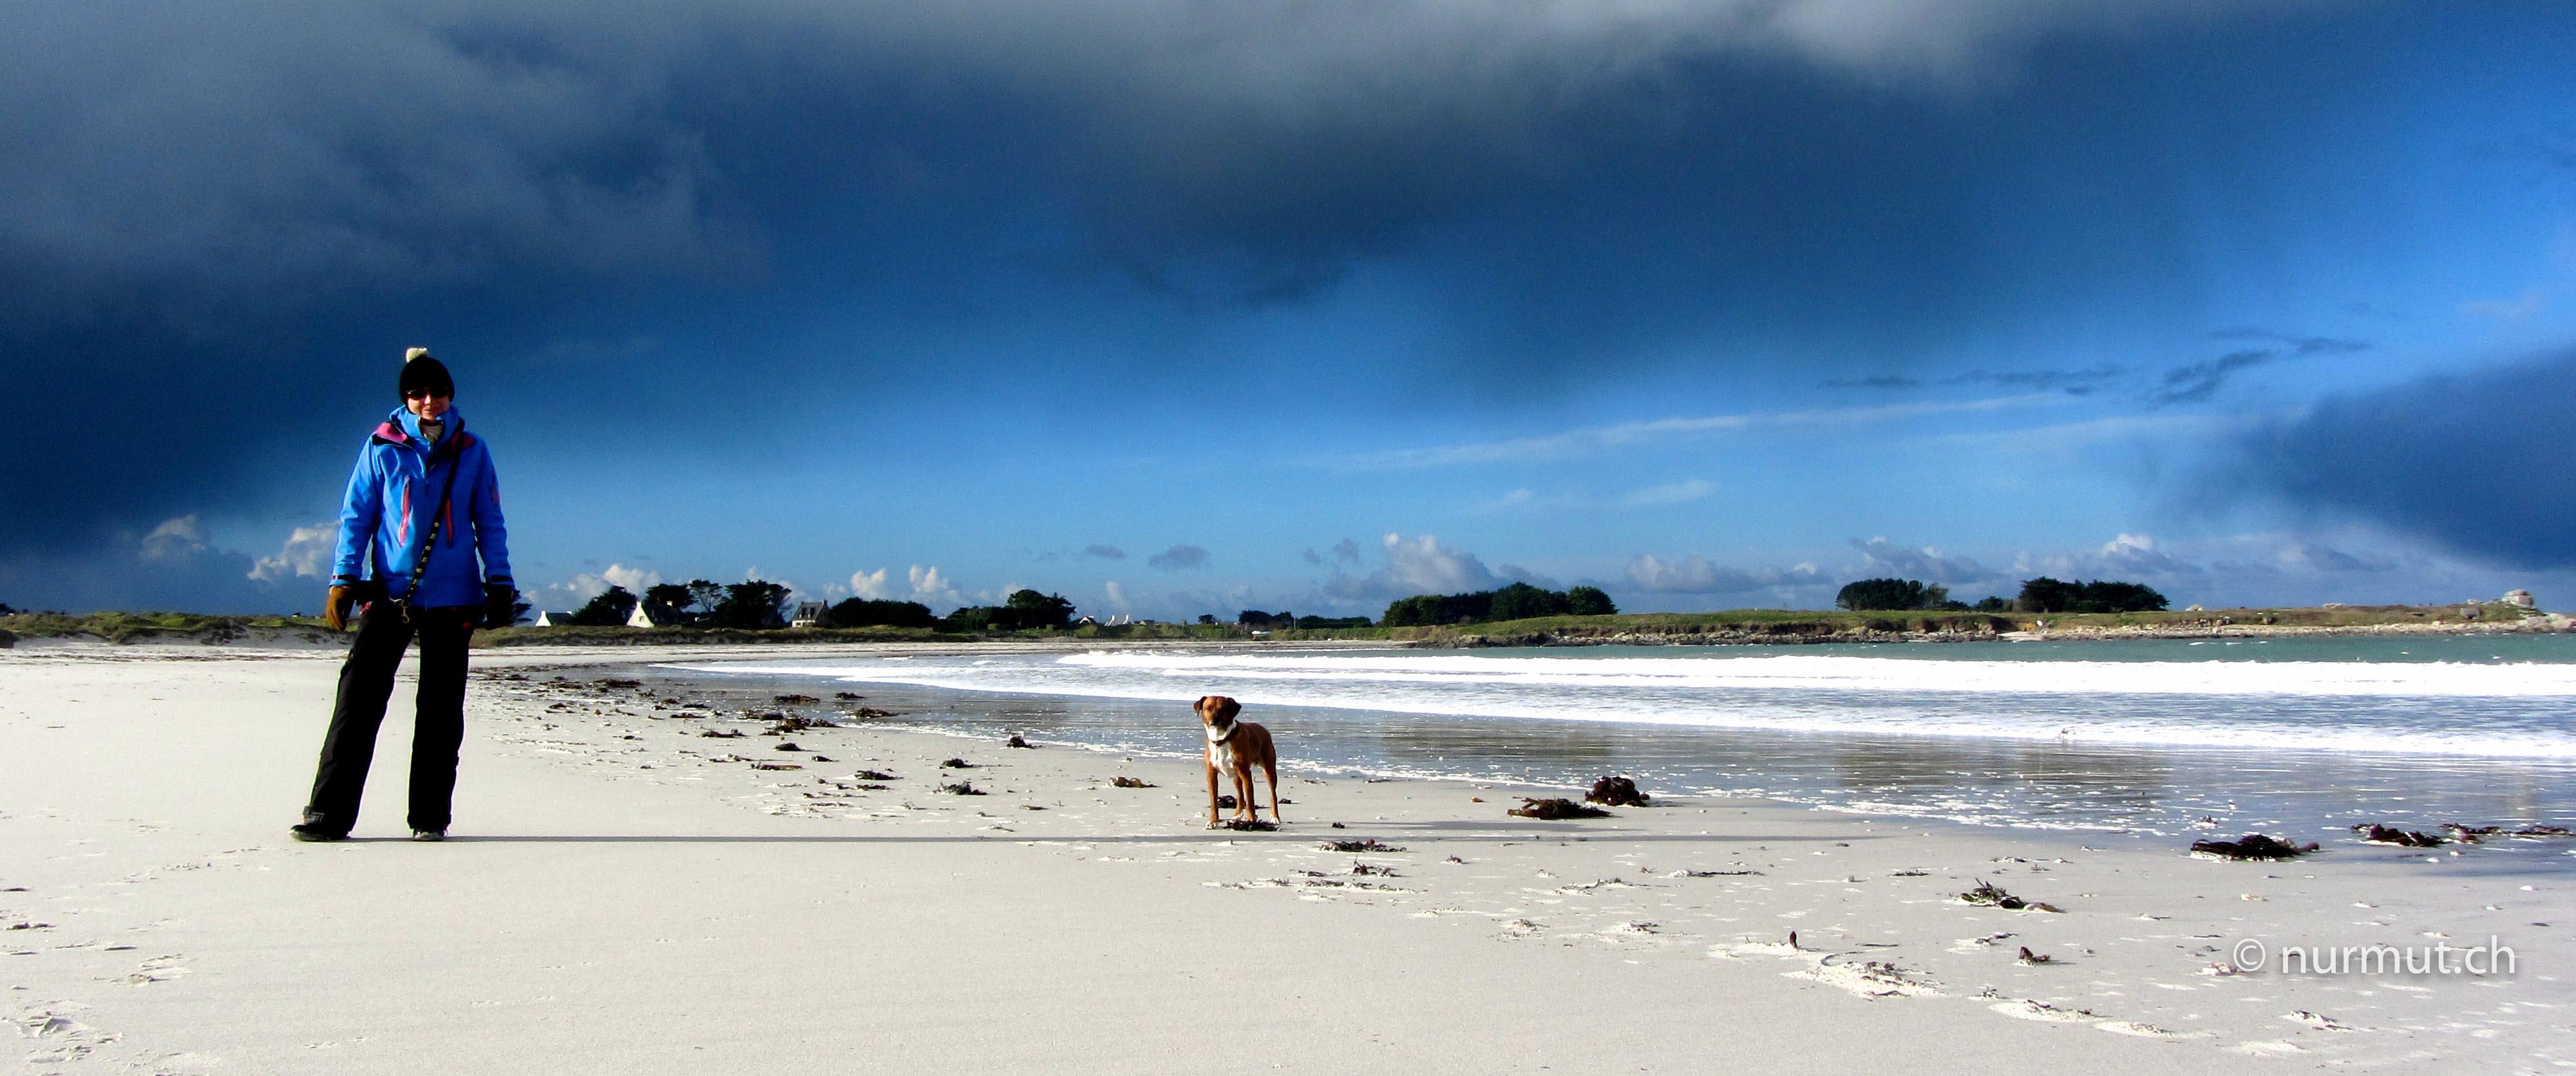 Bretagne-im-Winter-mit-Wohnmobil-und-Hund-Strand-Gewitterstimmung